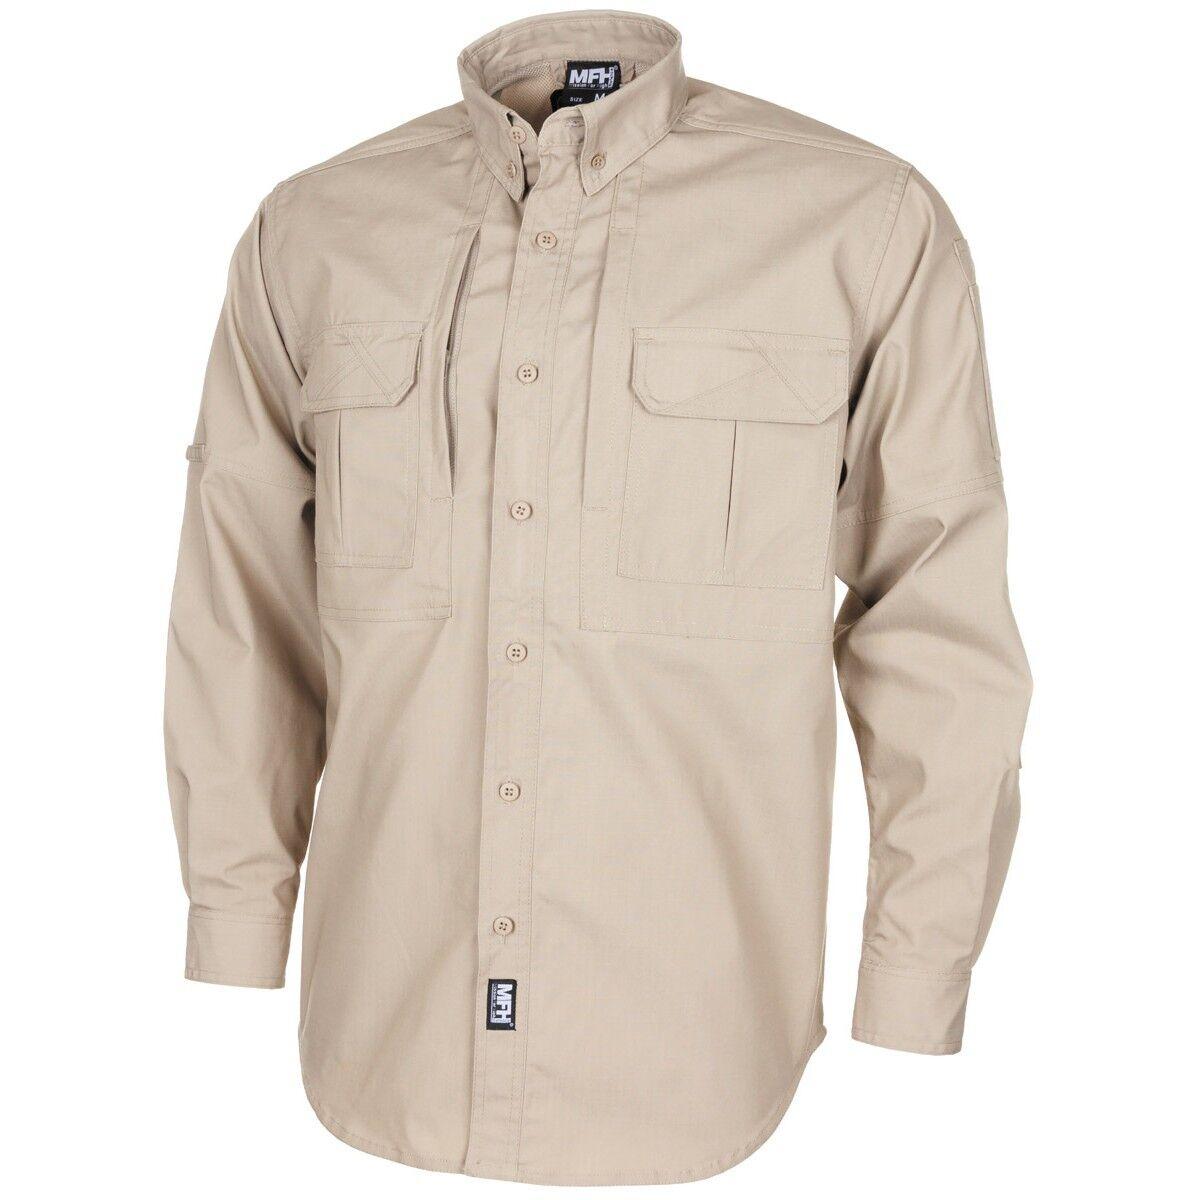 65ba24f93136 MFH Camicia uomo militare Tattico casual campeggio Teflon St. Kaki Rip  Outdoor ntsymh4655-Camicie casual e maglie